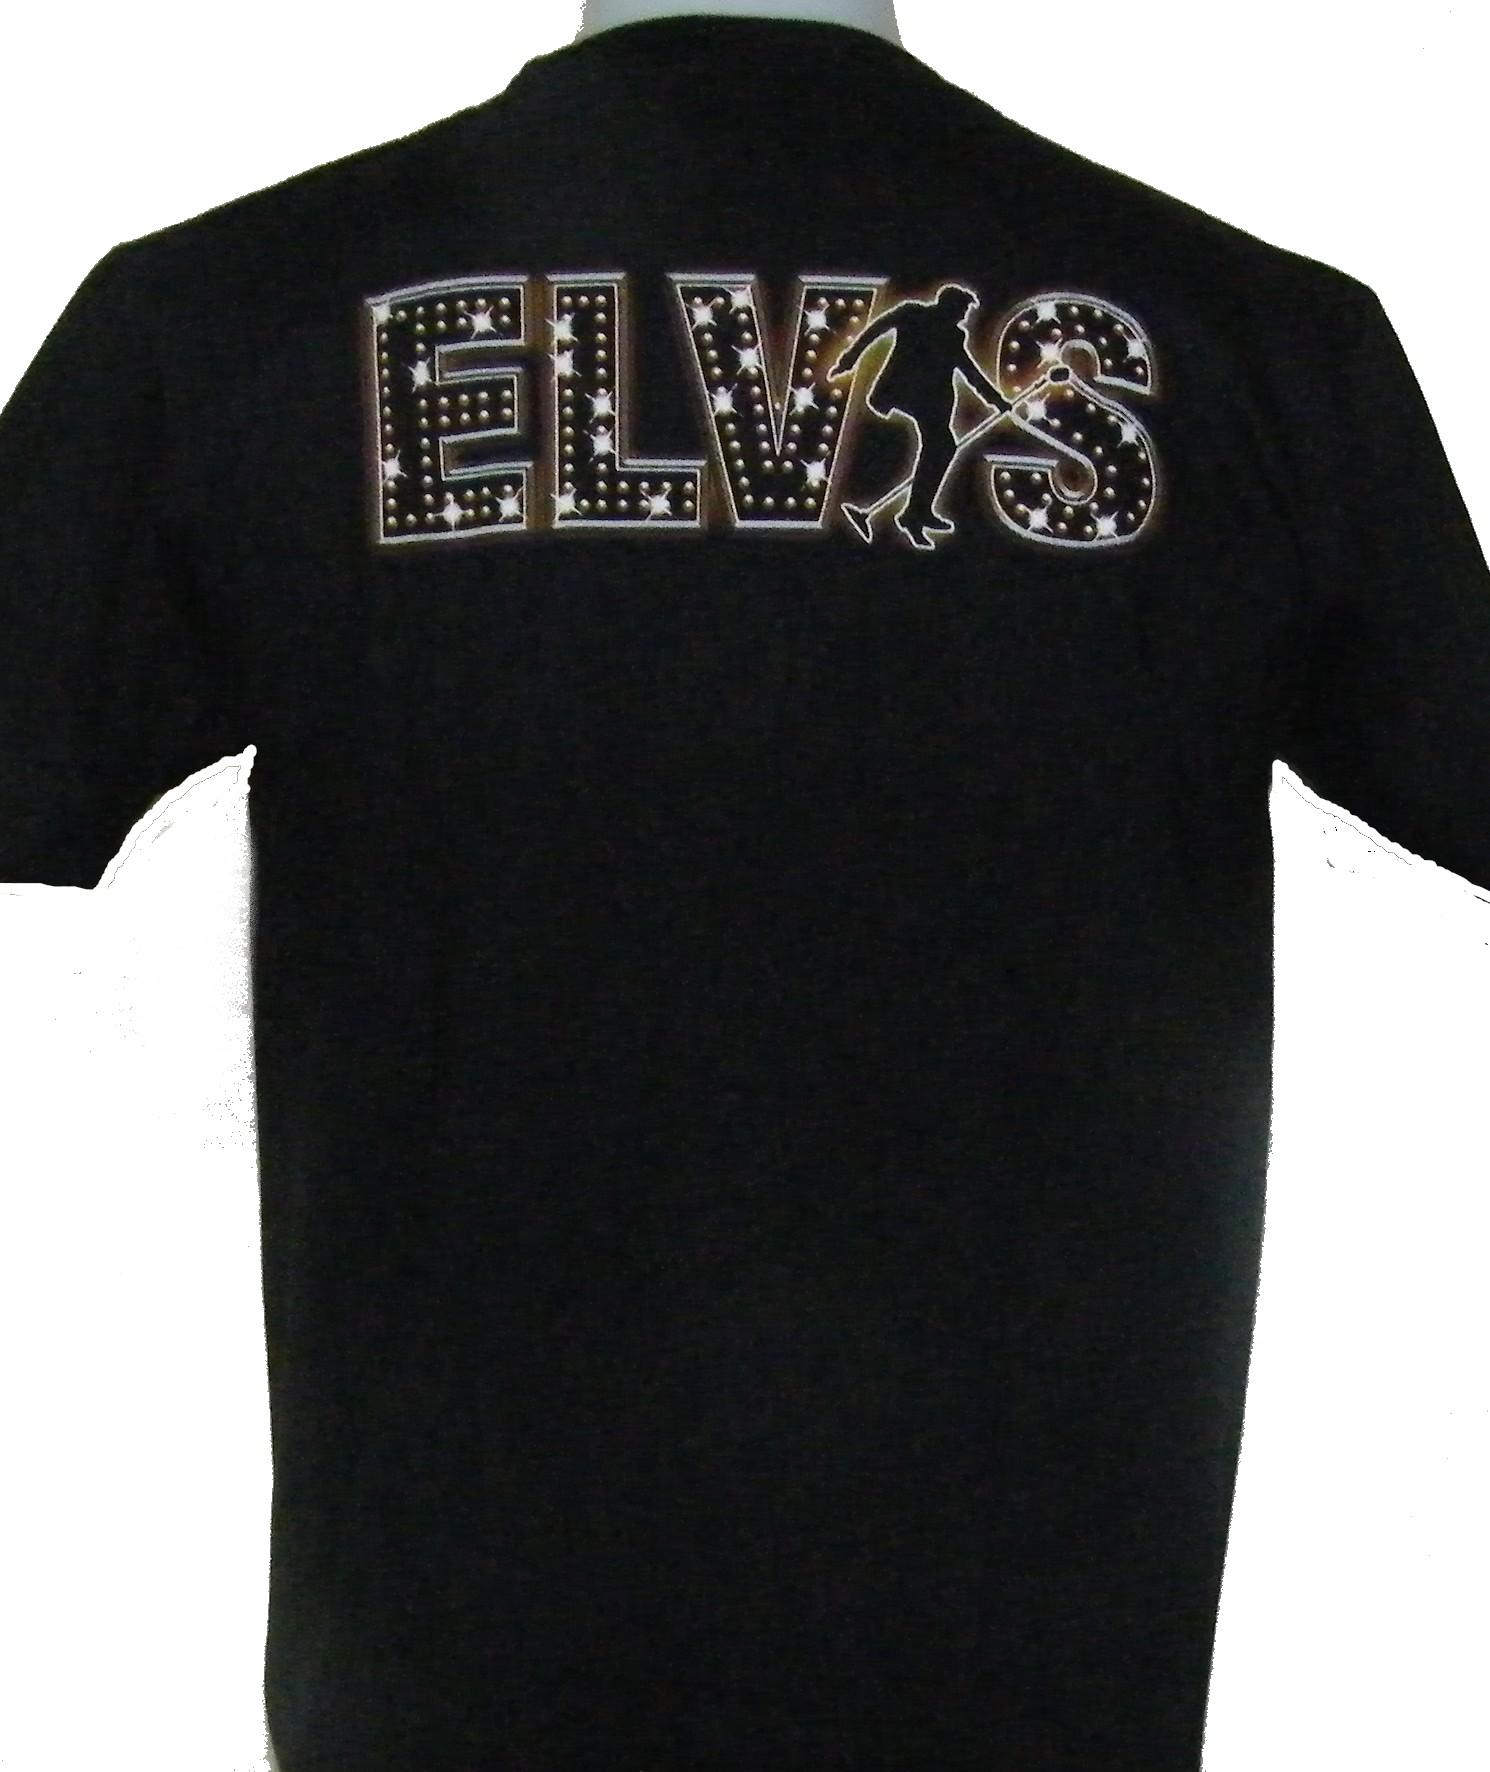 Elvis presley t shirt size m roxxbkk for Elvis t shirts wholesale